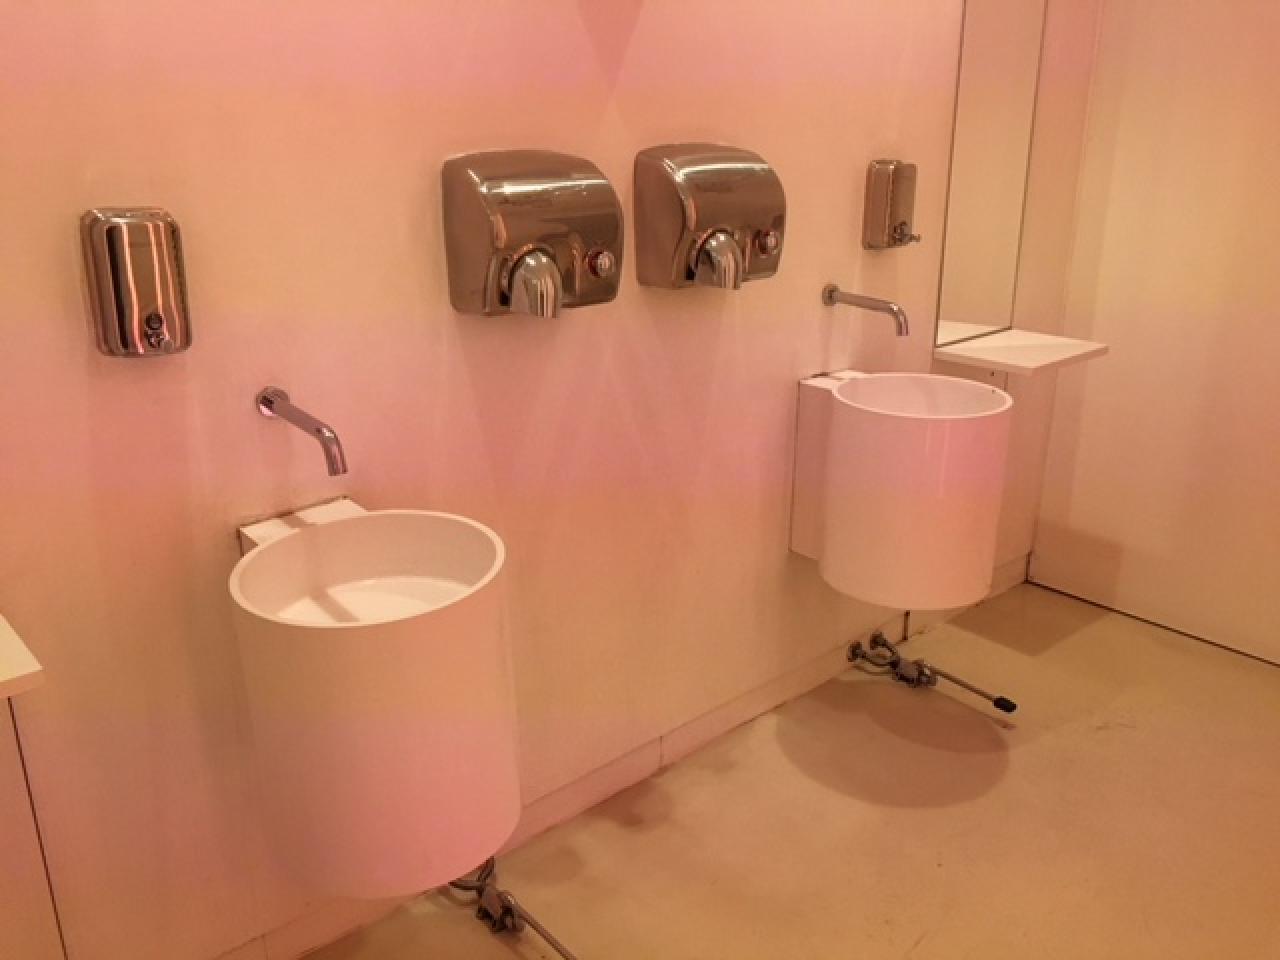 Piastrella per il bagno di un ristorante come scegliere